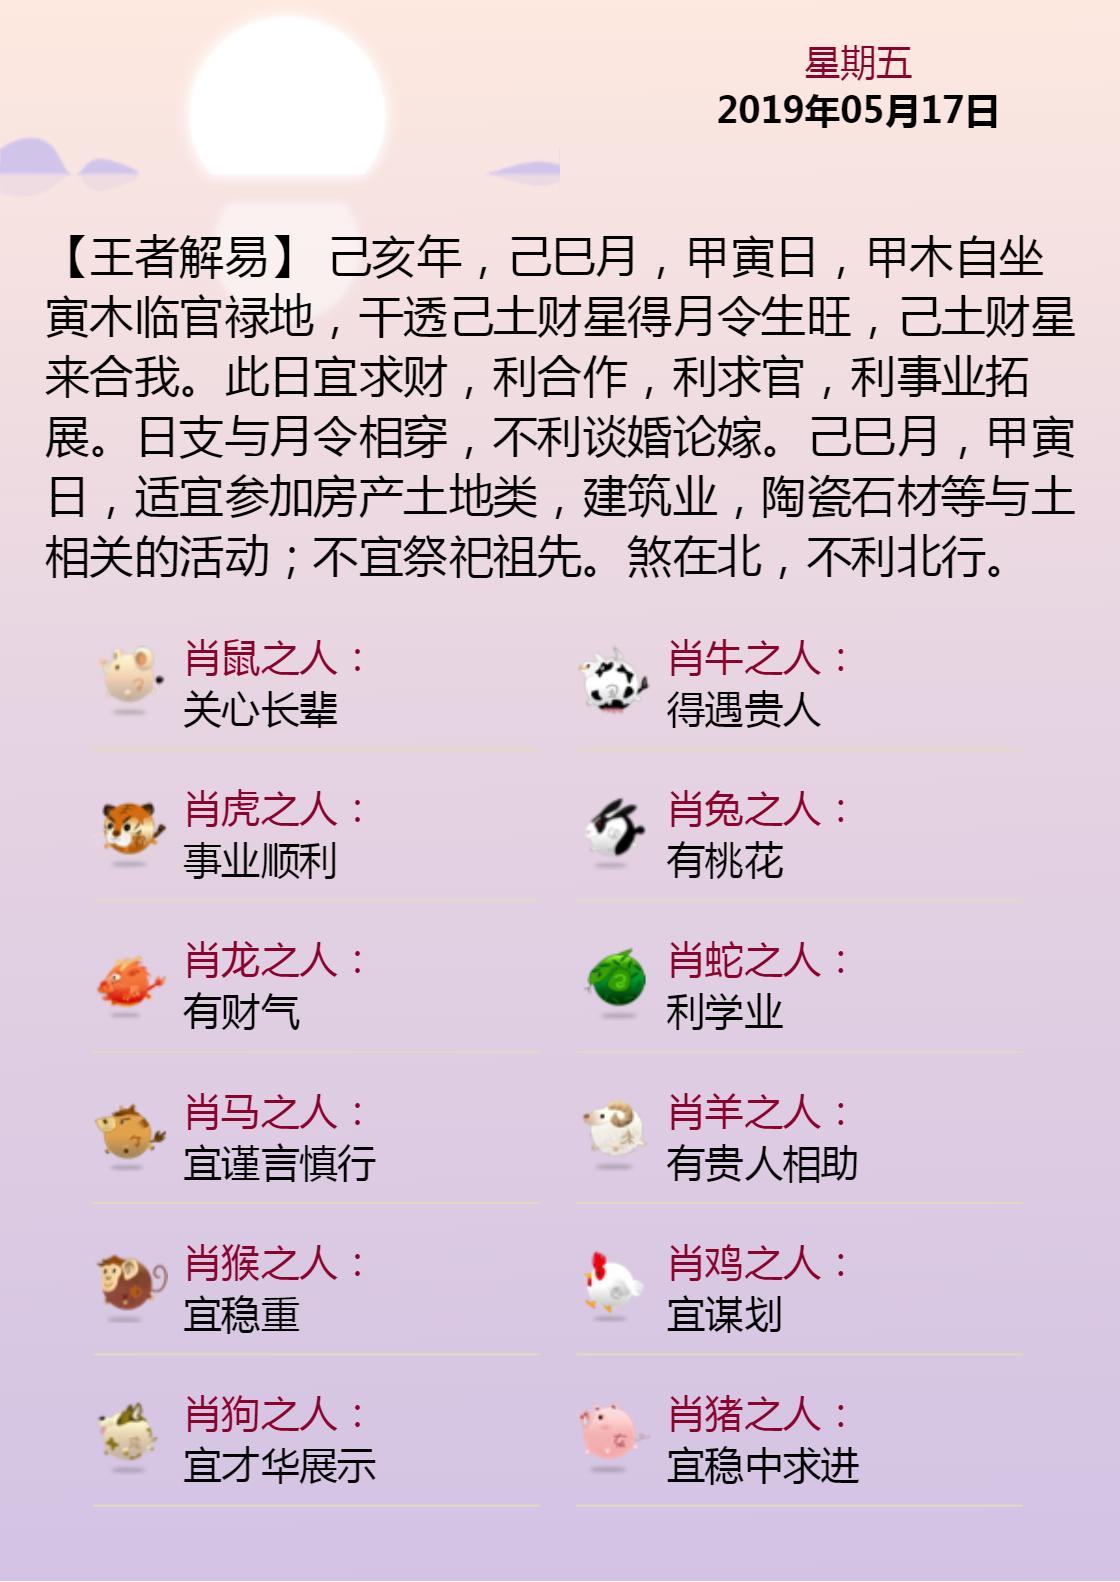 黄历海报20190517.png